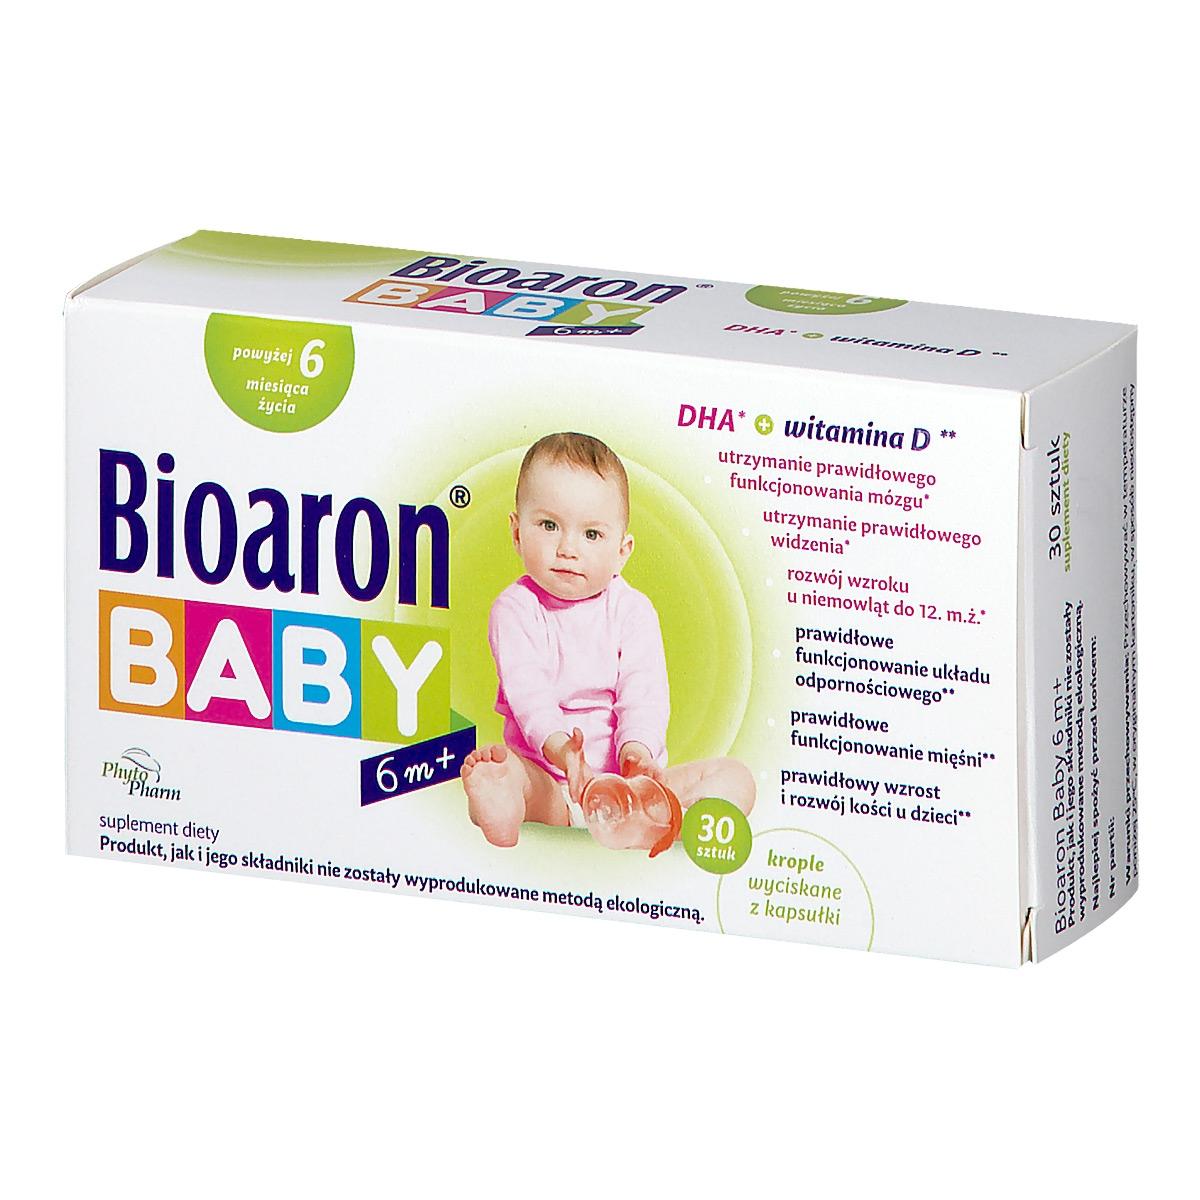 Image of Bioaron baby od 6 m-ca krople wyciskane z kapsułki